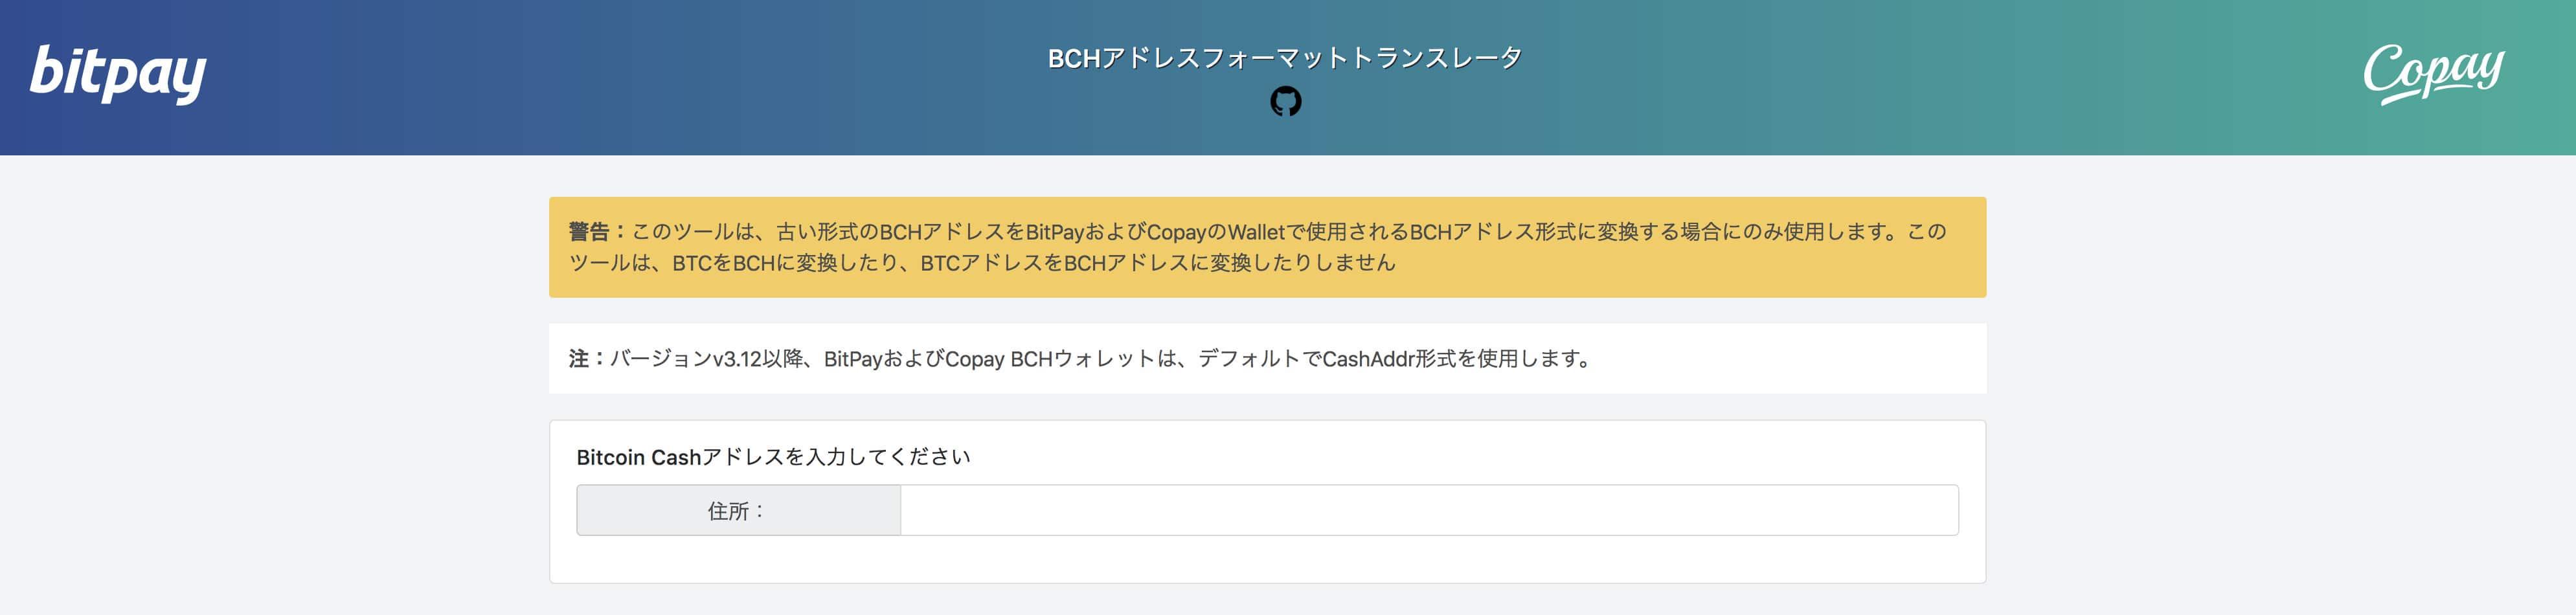 BCHアドレス変更